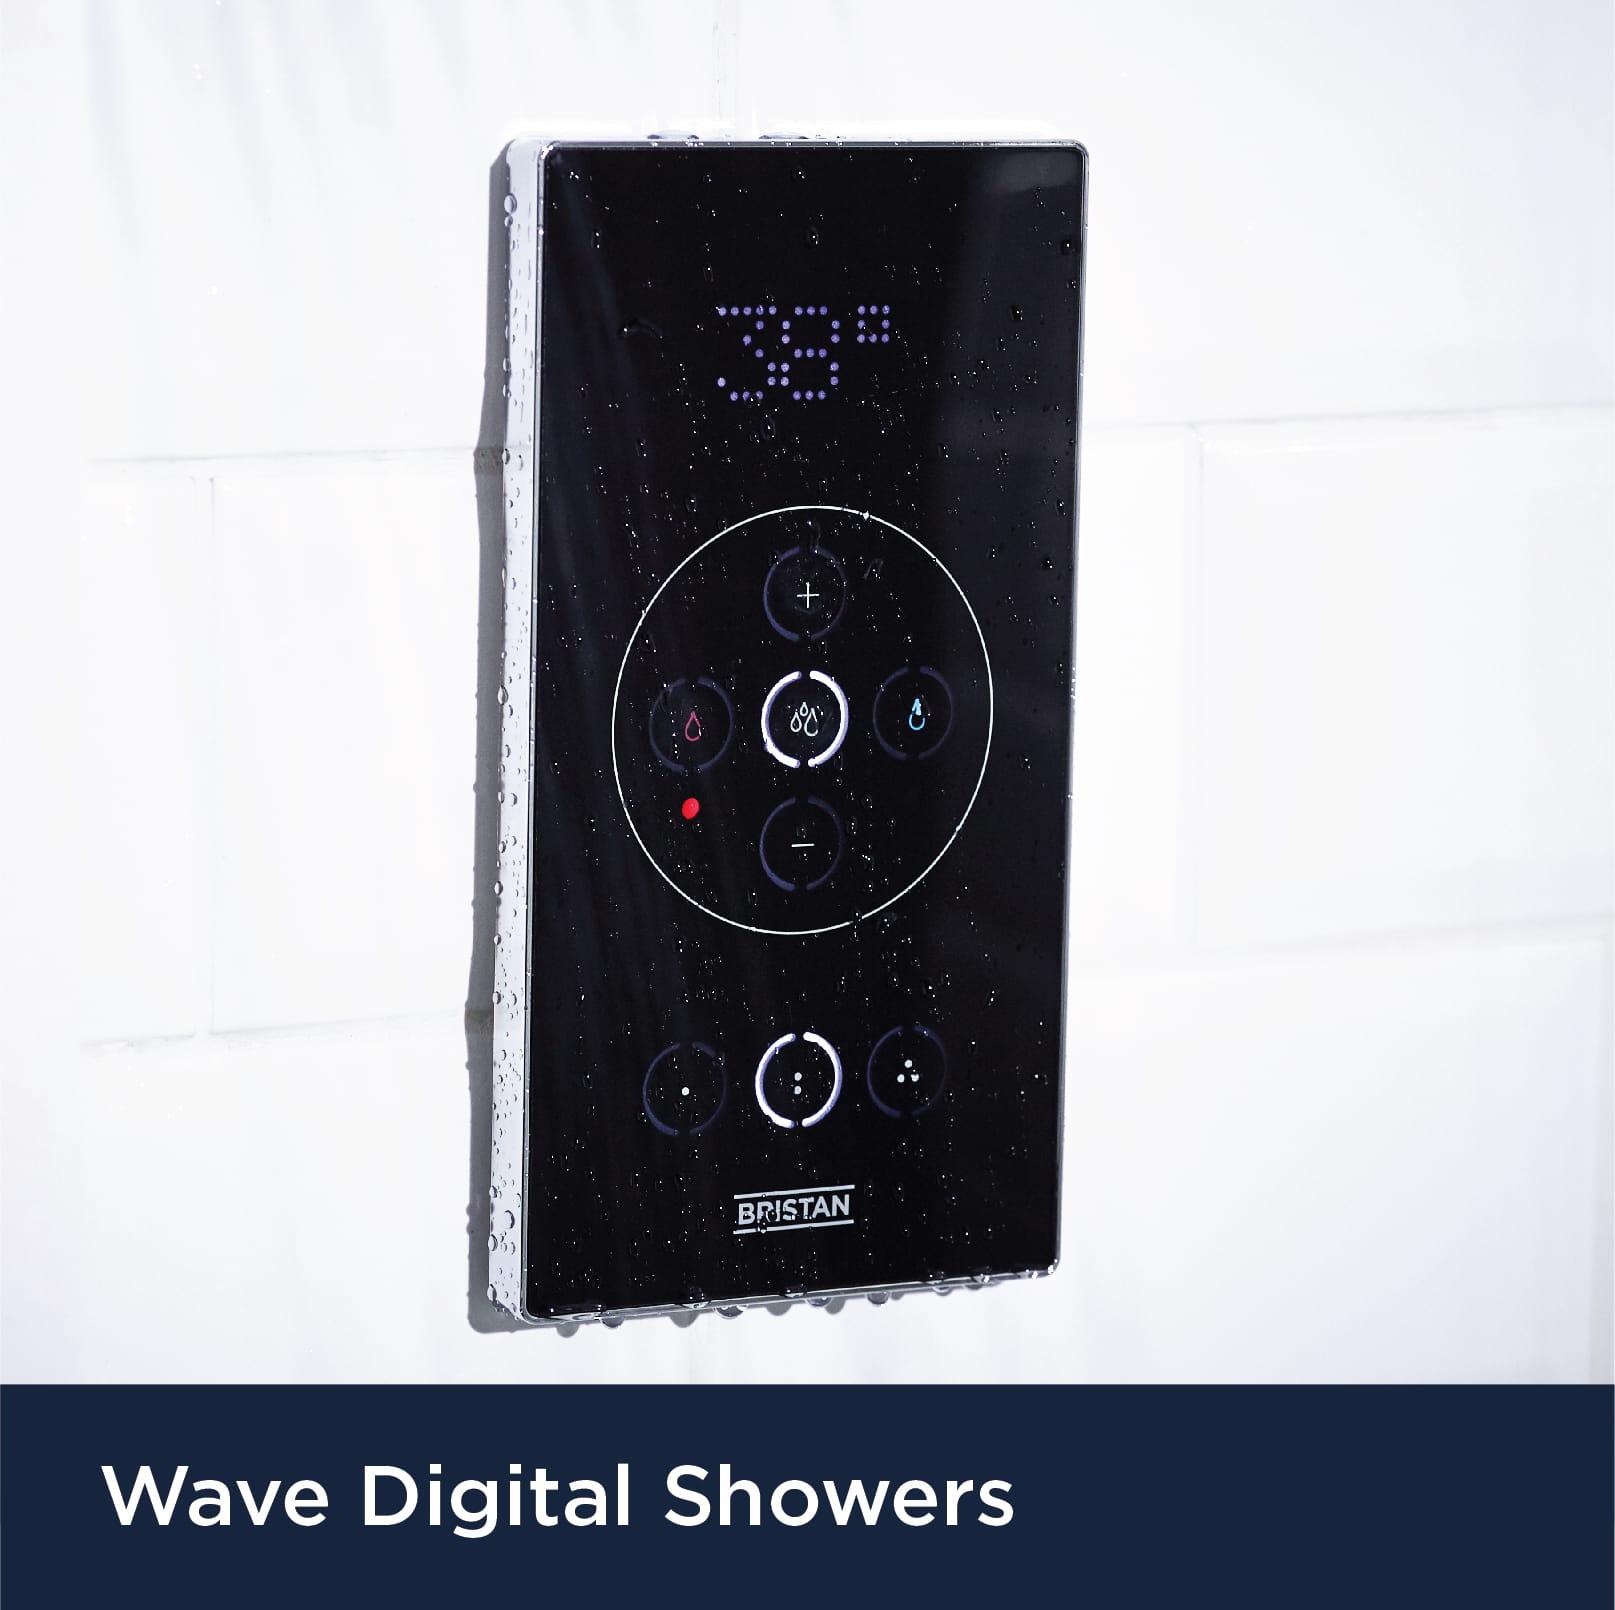 Explore Wave Digital Showers